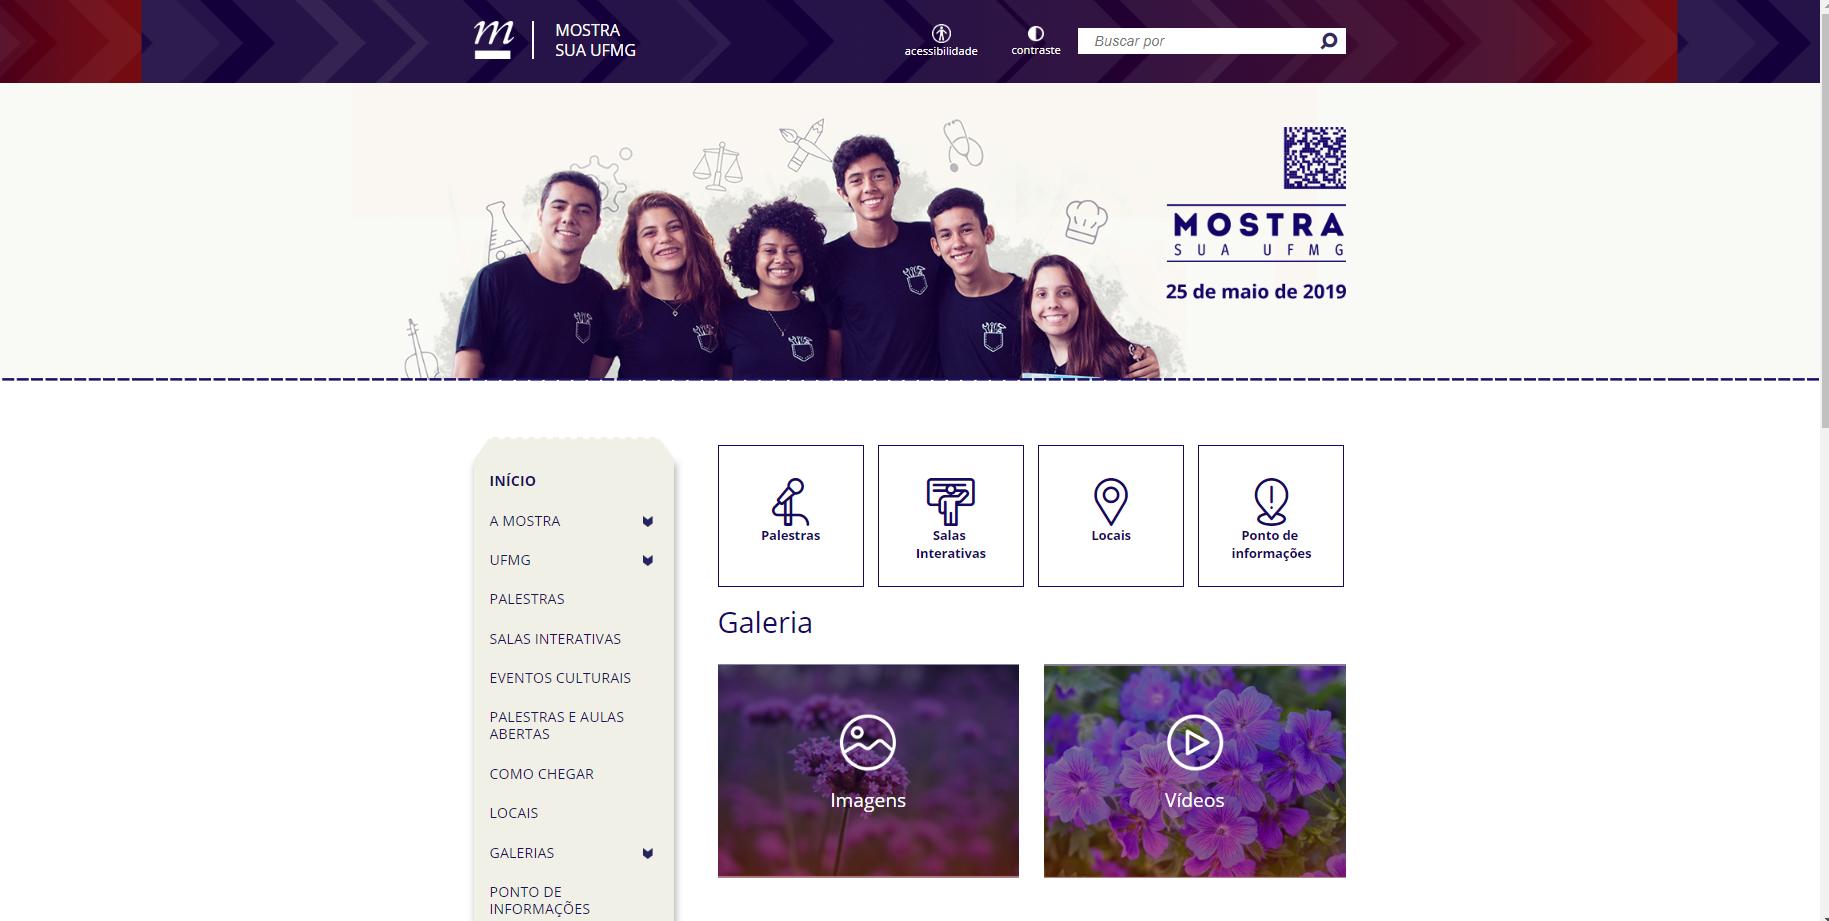 Tela do site da Mostra Sua UFMG, projetado para ampliar os laços entre a Universidade a comunidade escolar do ensino médio